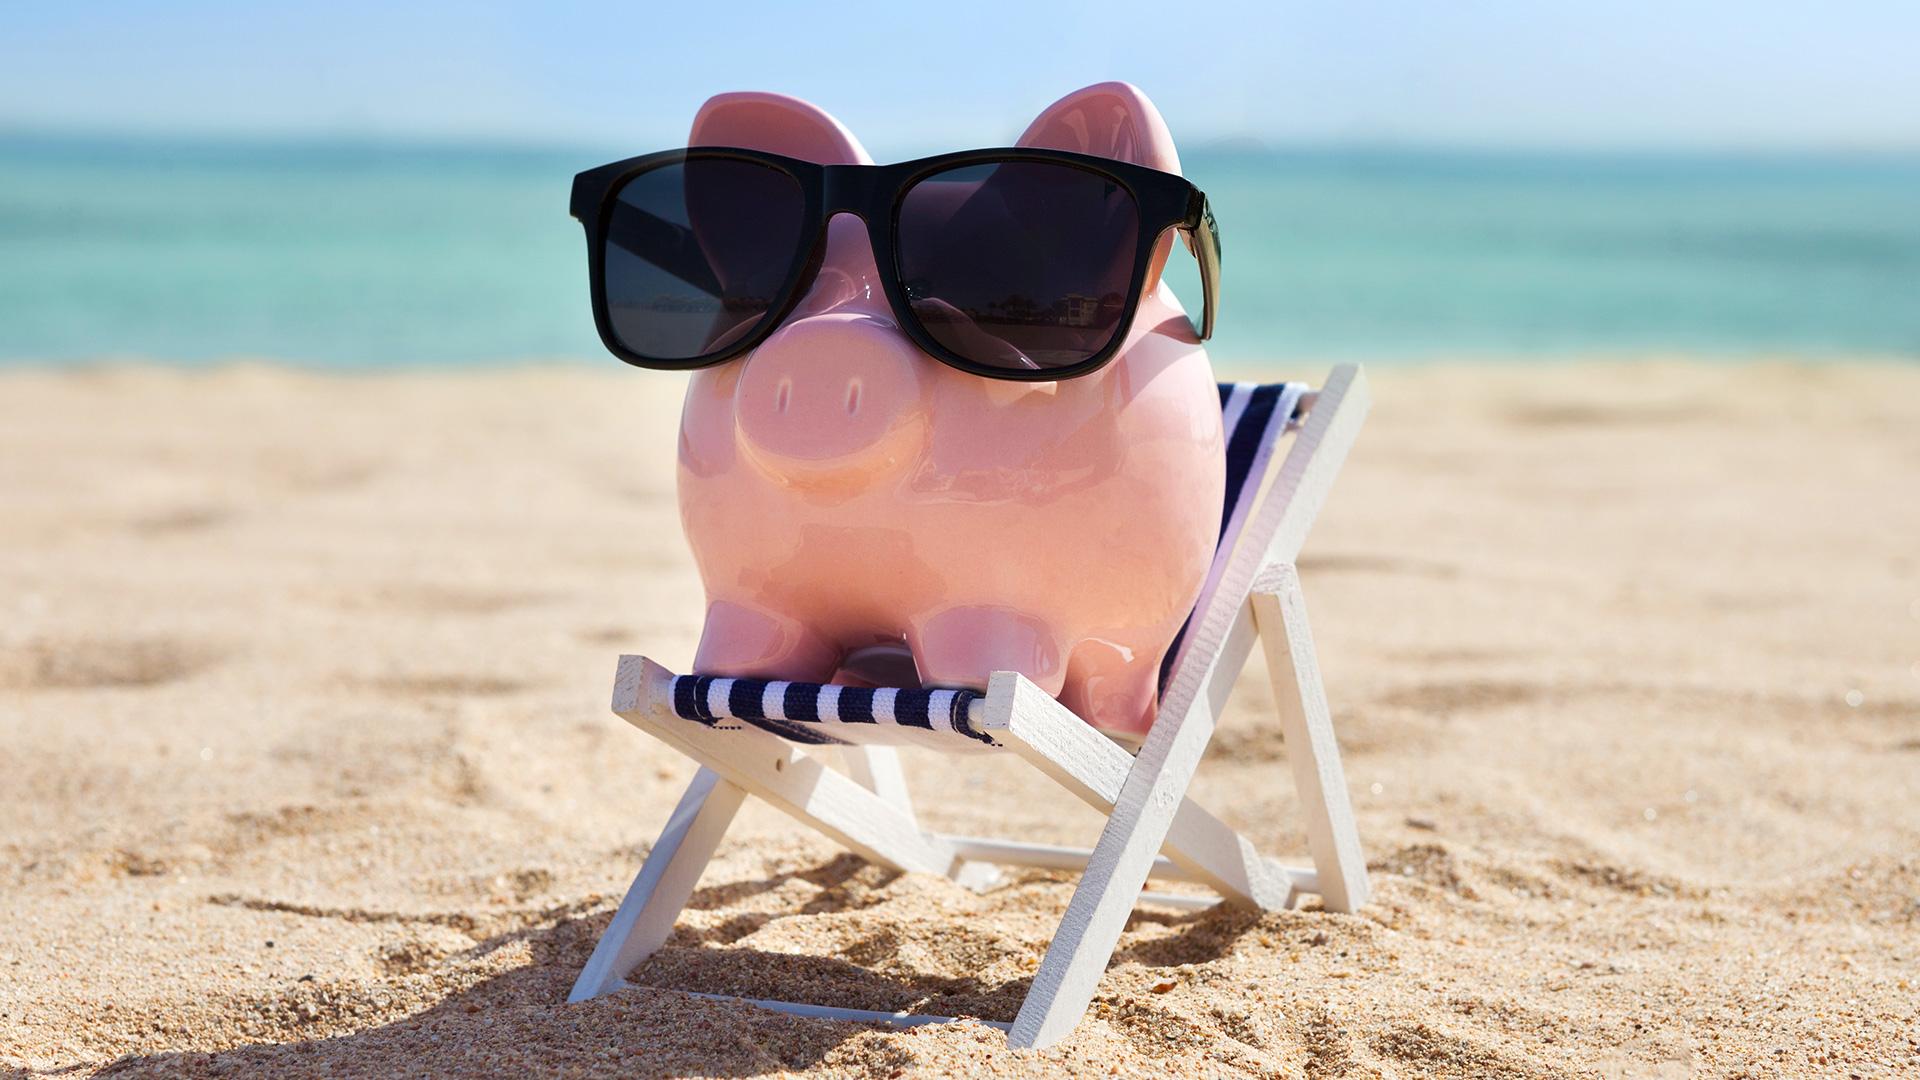 Foto de um cofre de porquinho usando óculos de sol na praia